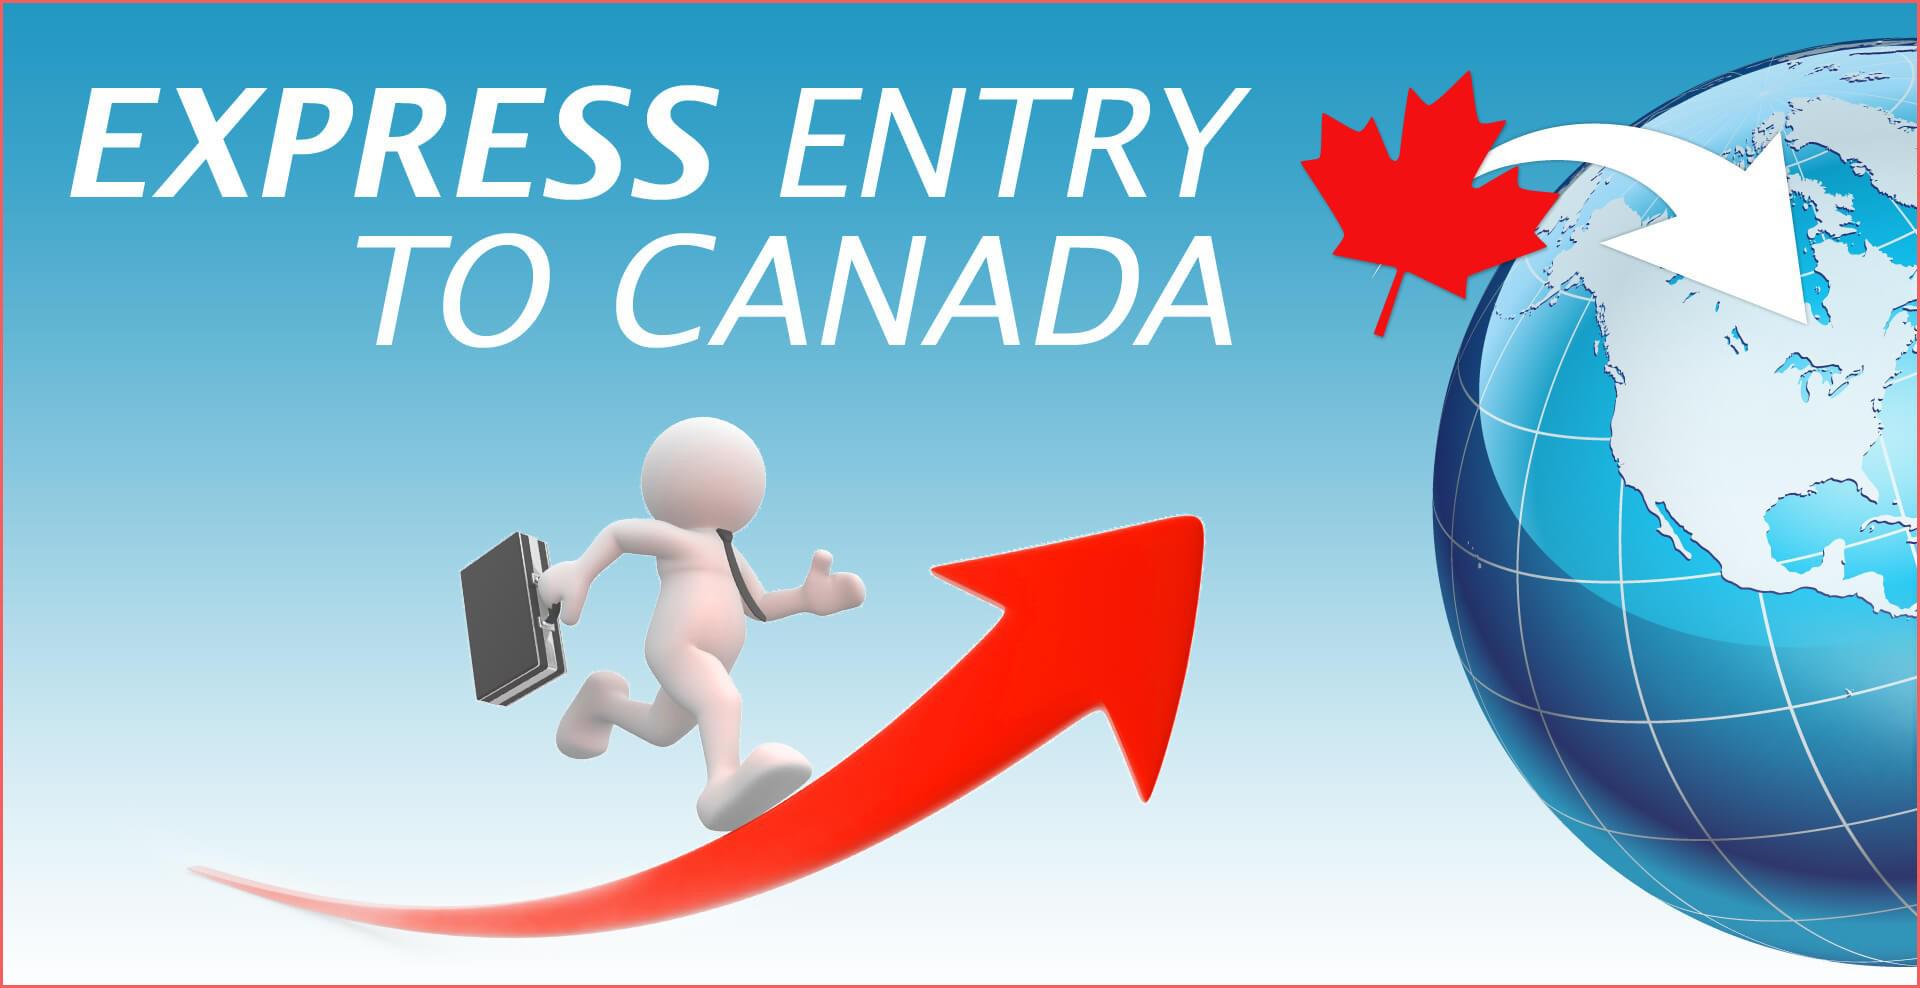 الهجرة الى كندا من تونس عن طريق نظام الدخول السريع